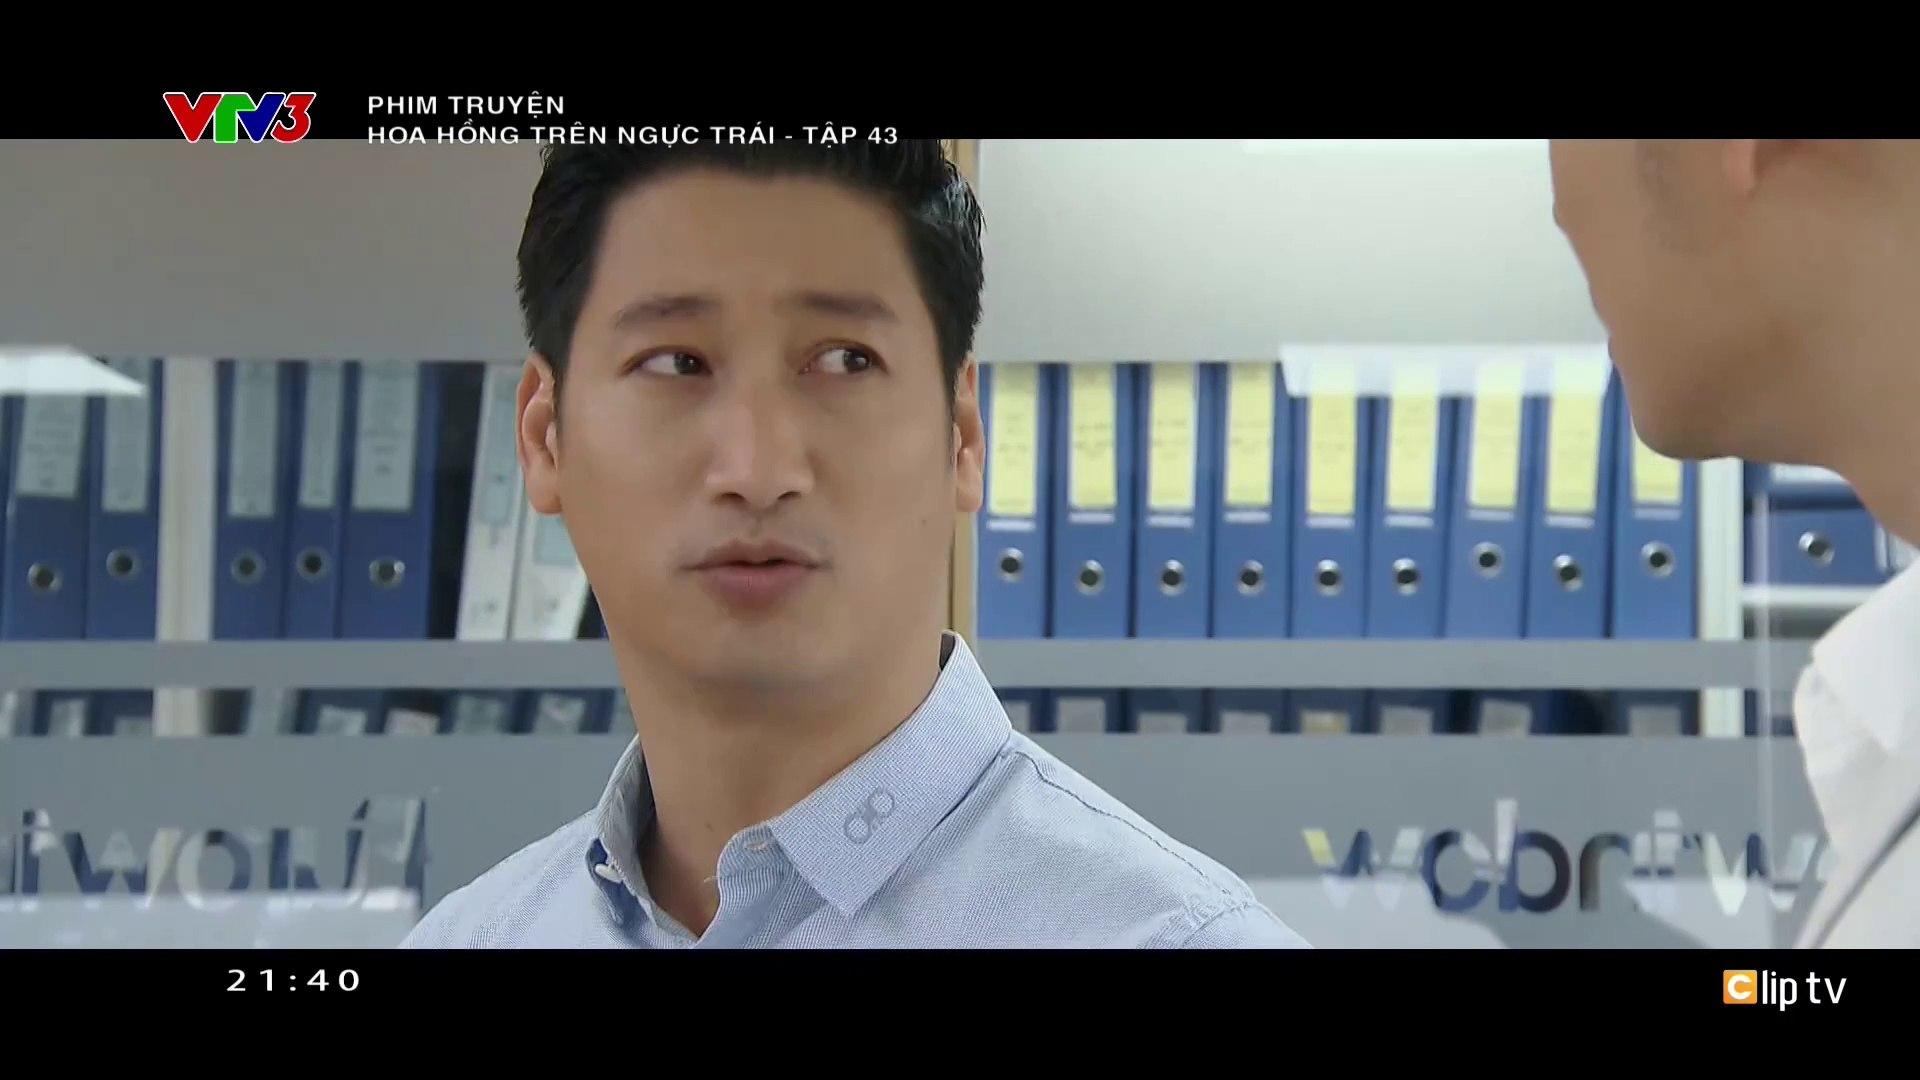 Hoa Hồng Trên Ngực Trái Tập 43 - Ngày 1-1-2020 - Phim Việt Nam VTV3